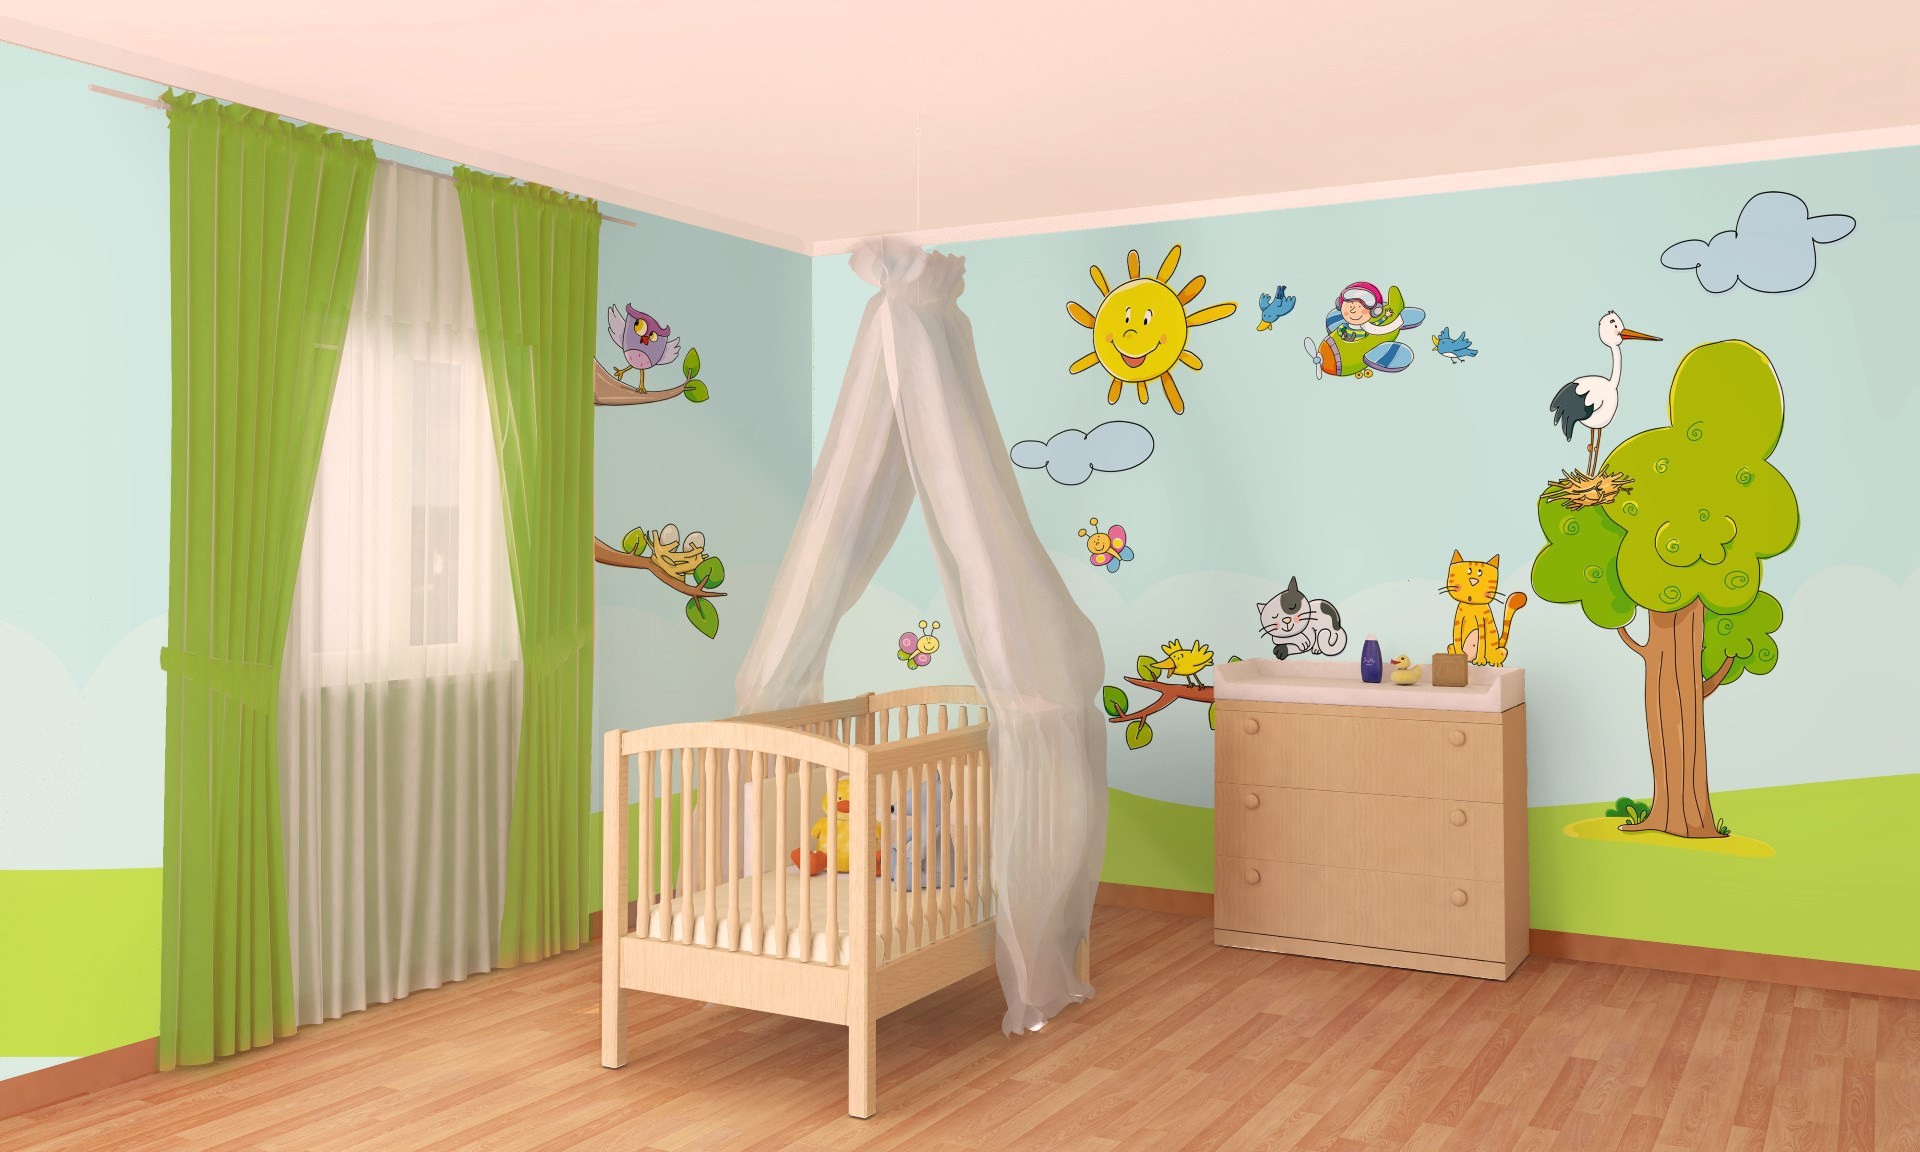 Estremamente 10 Idee per la cameretta di un bambino: foto, video e ispirazioni! QL38